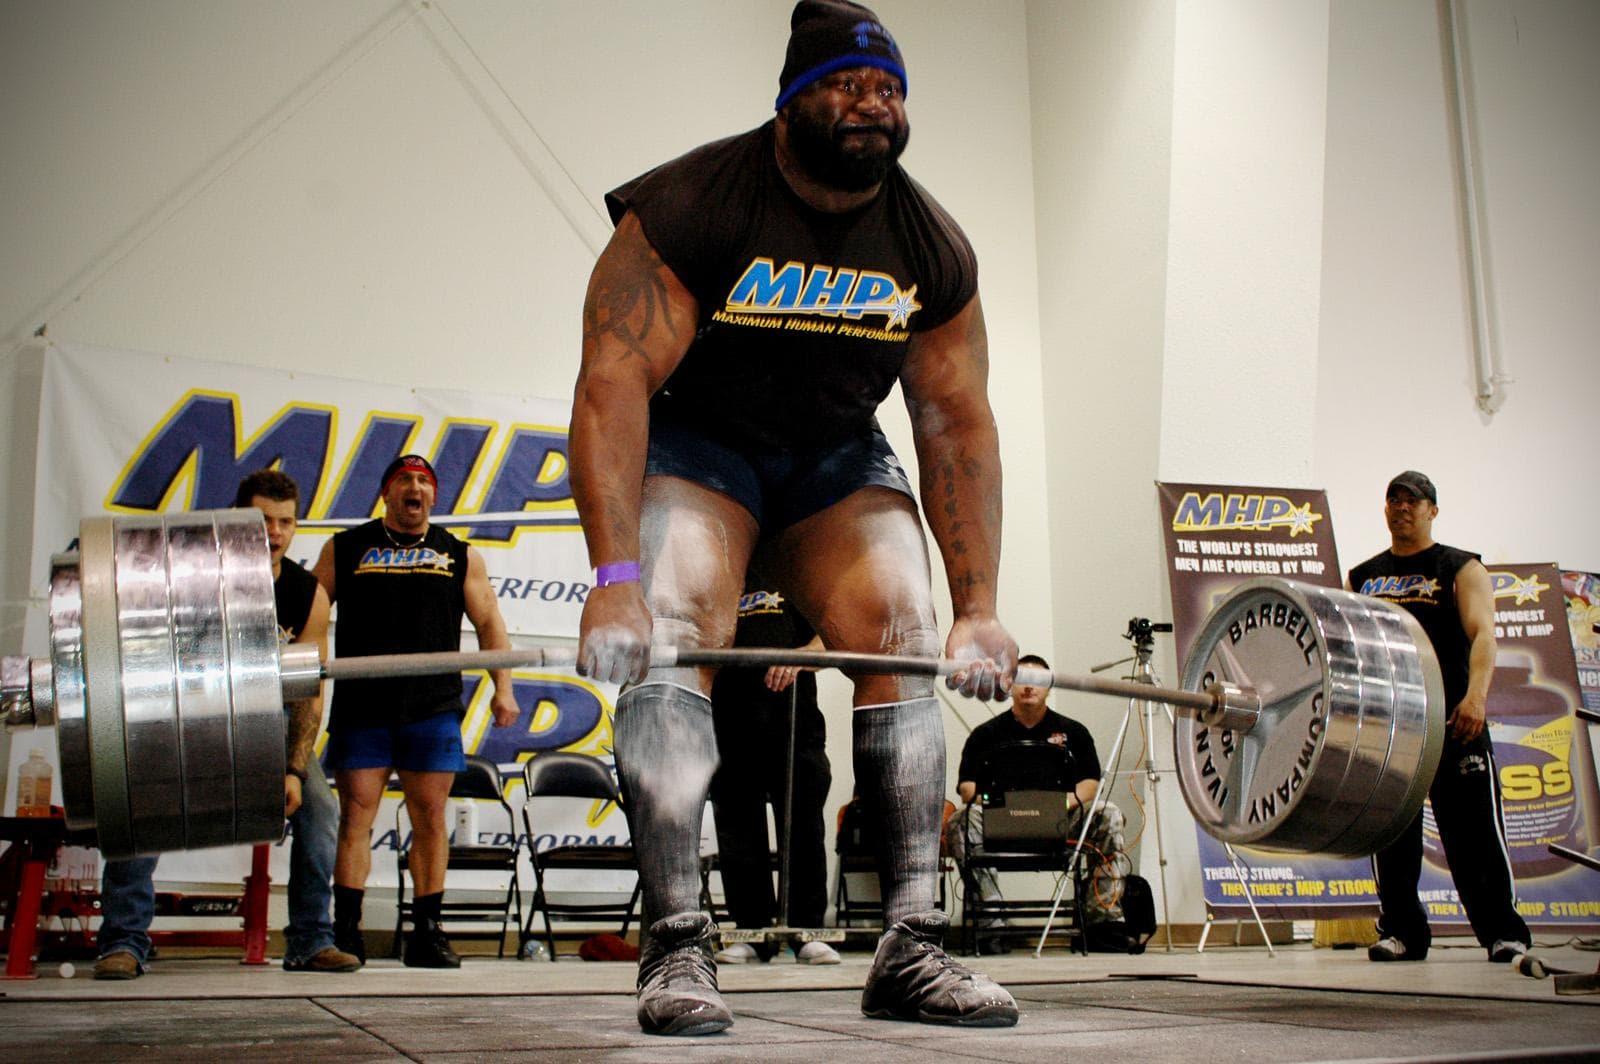 Бородатый атлет пауэрлифтер выполняет тяжелую становую тягу